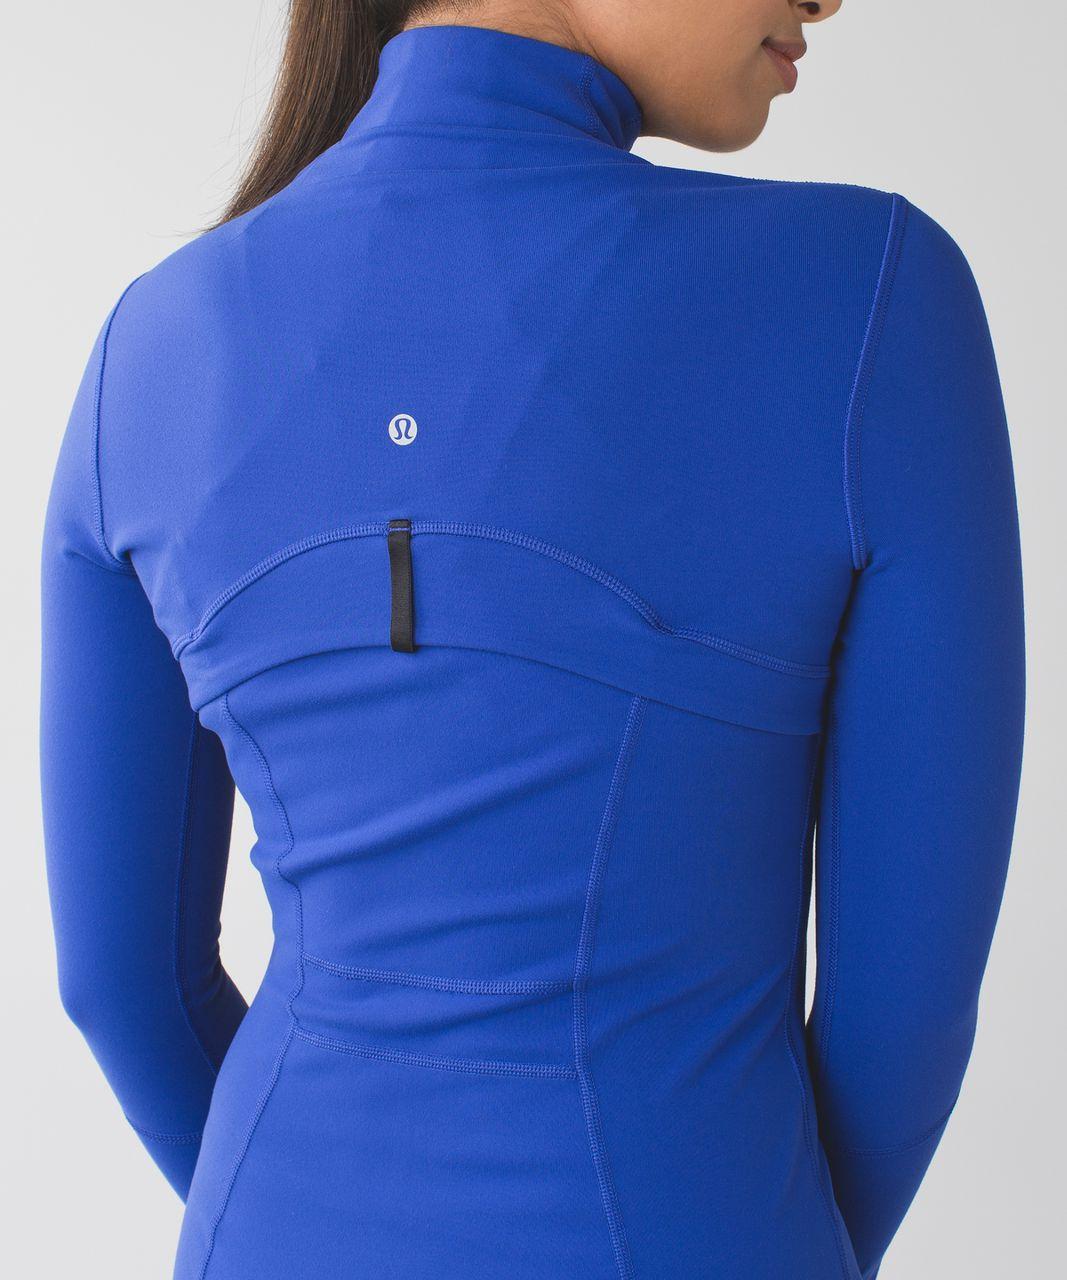 Lululemon Define Jacket - Sapphire Blue